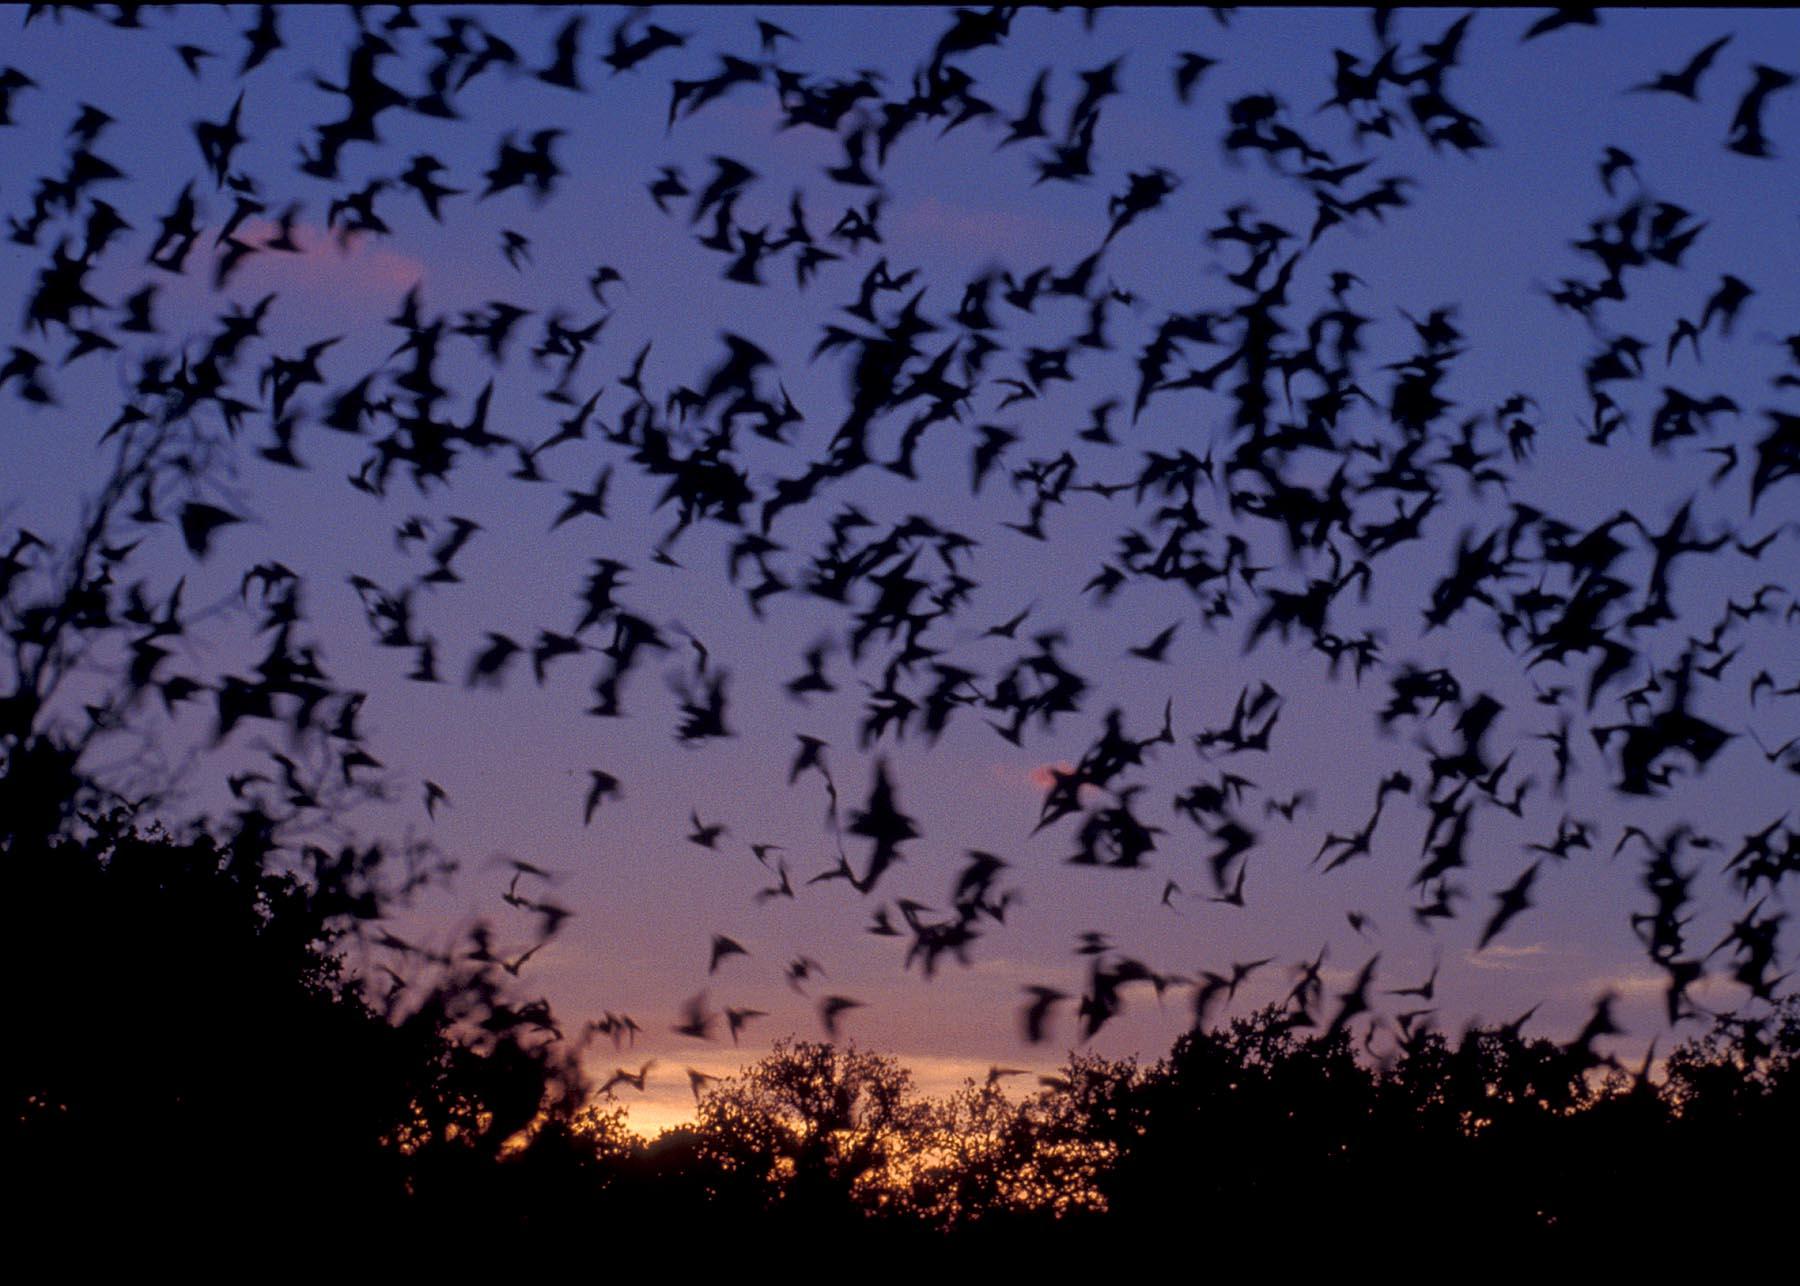 History Of Bats